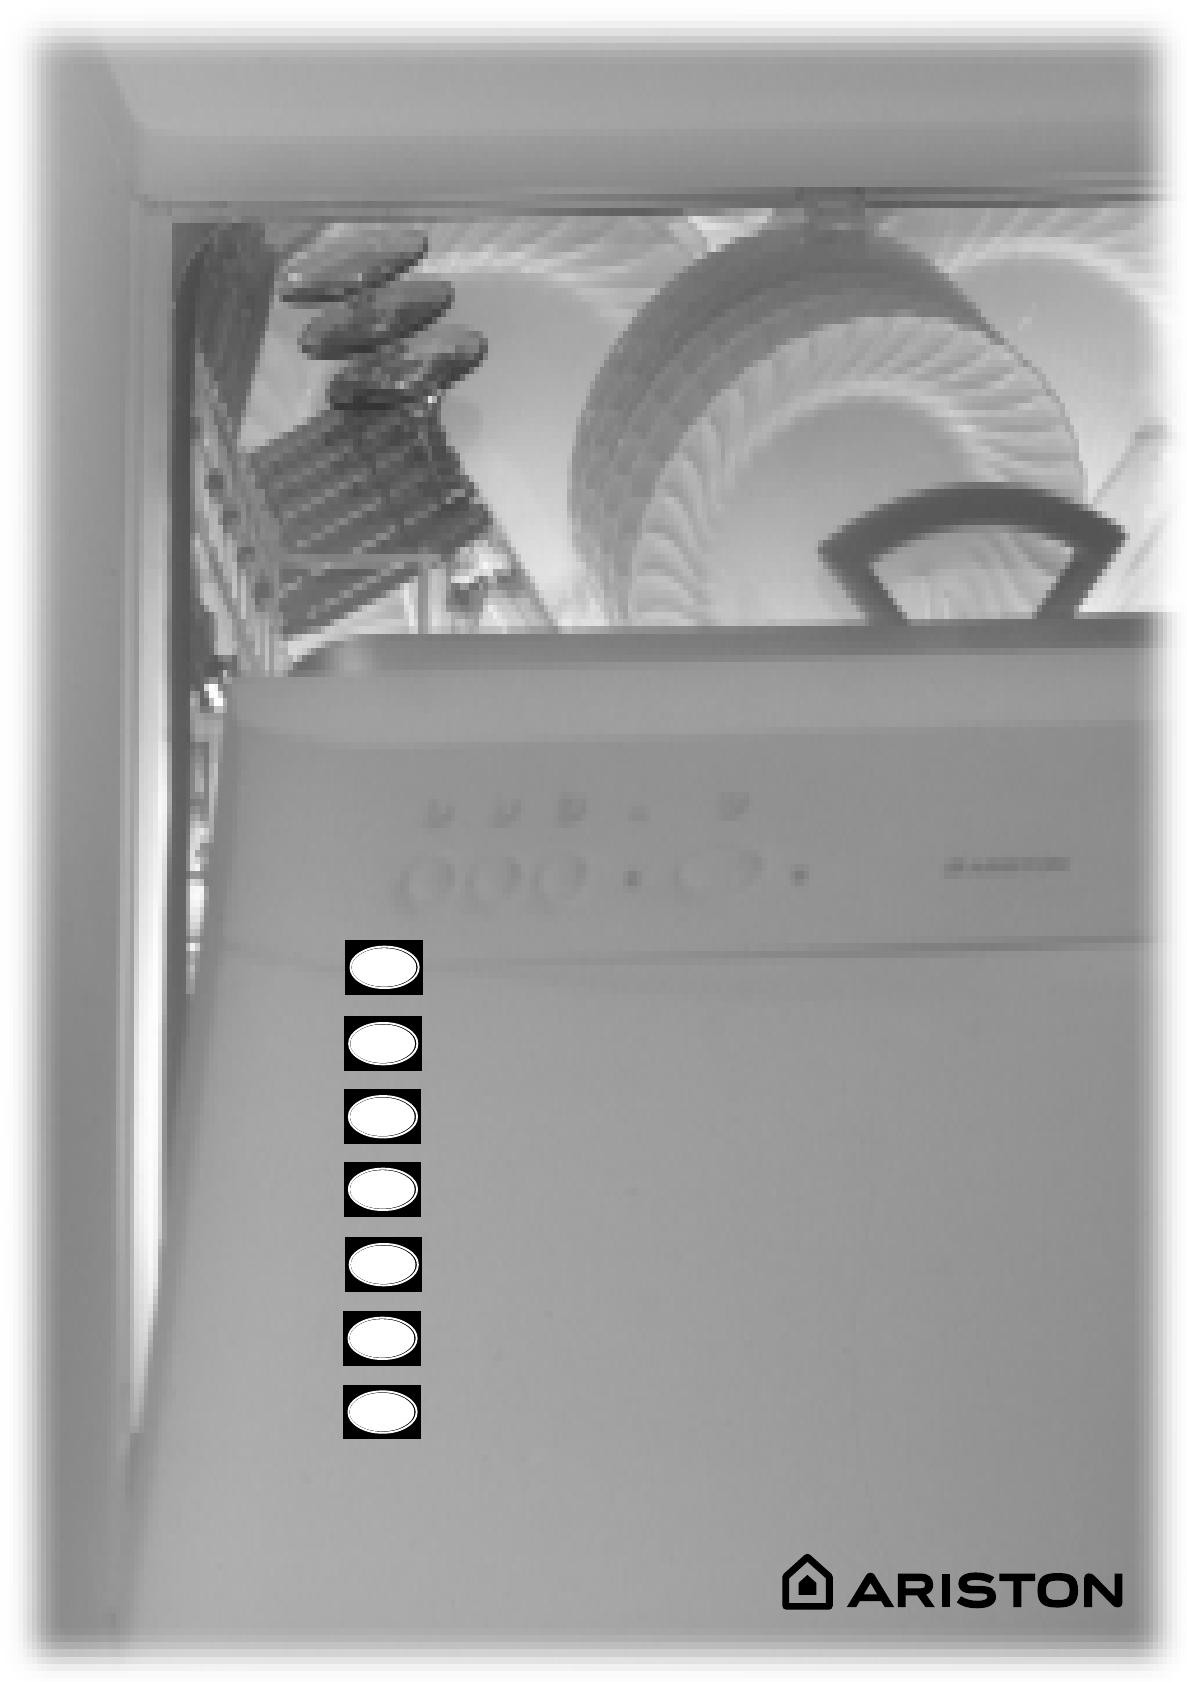 bedienungsanleitung hotpointariston ll 64 x eu (seite 1  ~ Geschirrspülmaschine Englisch